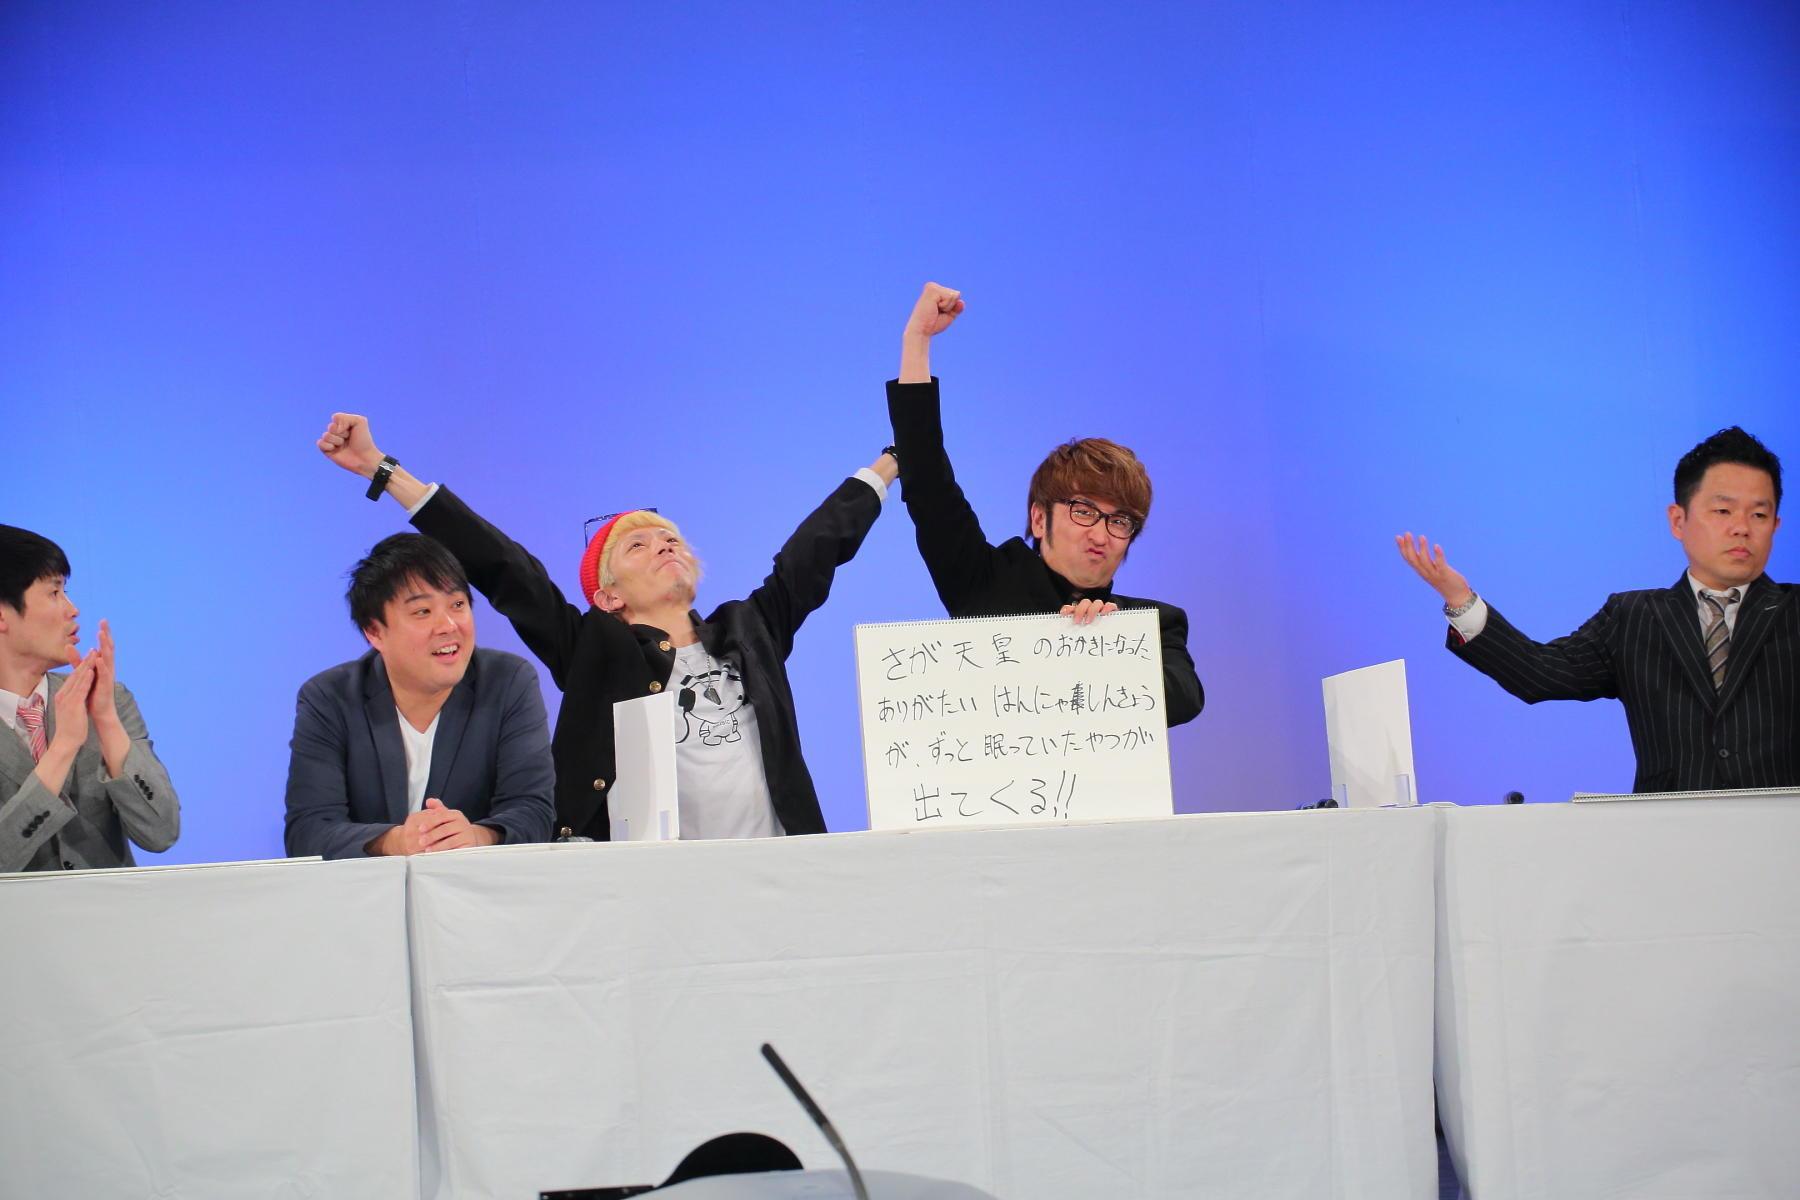 http://news.yoshimoto.co.jp/20170316063819-64a90bbf4c3f2e078aaa74f29c901267e4aa9eda.jpg